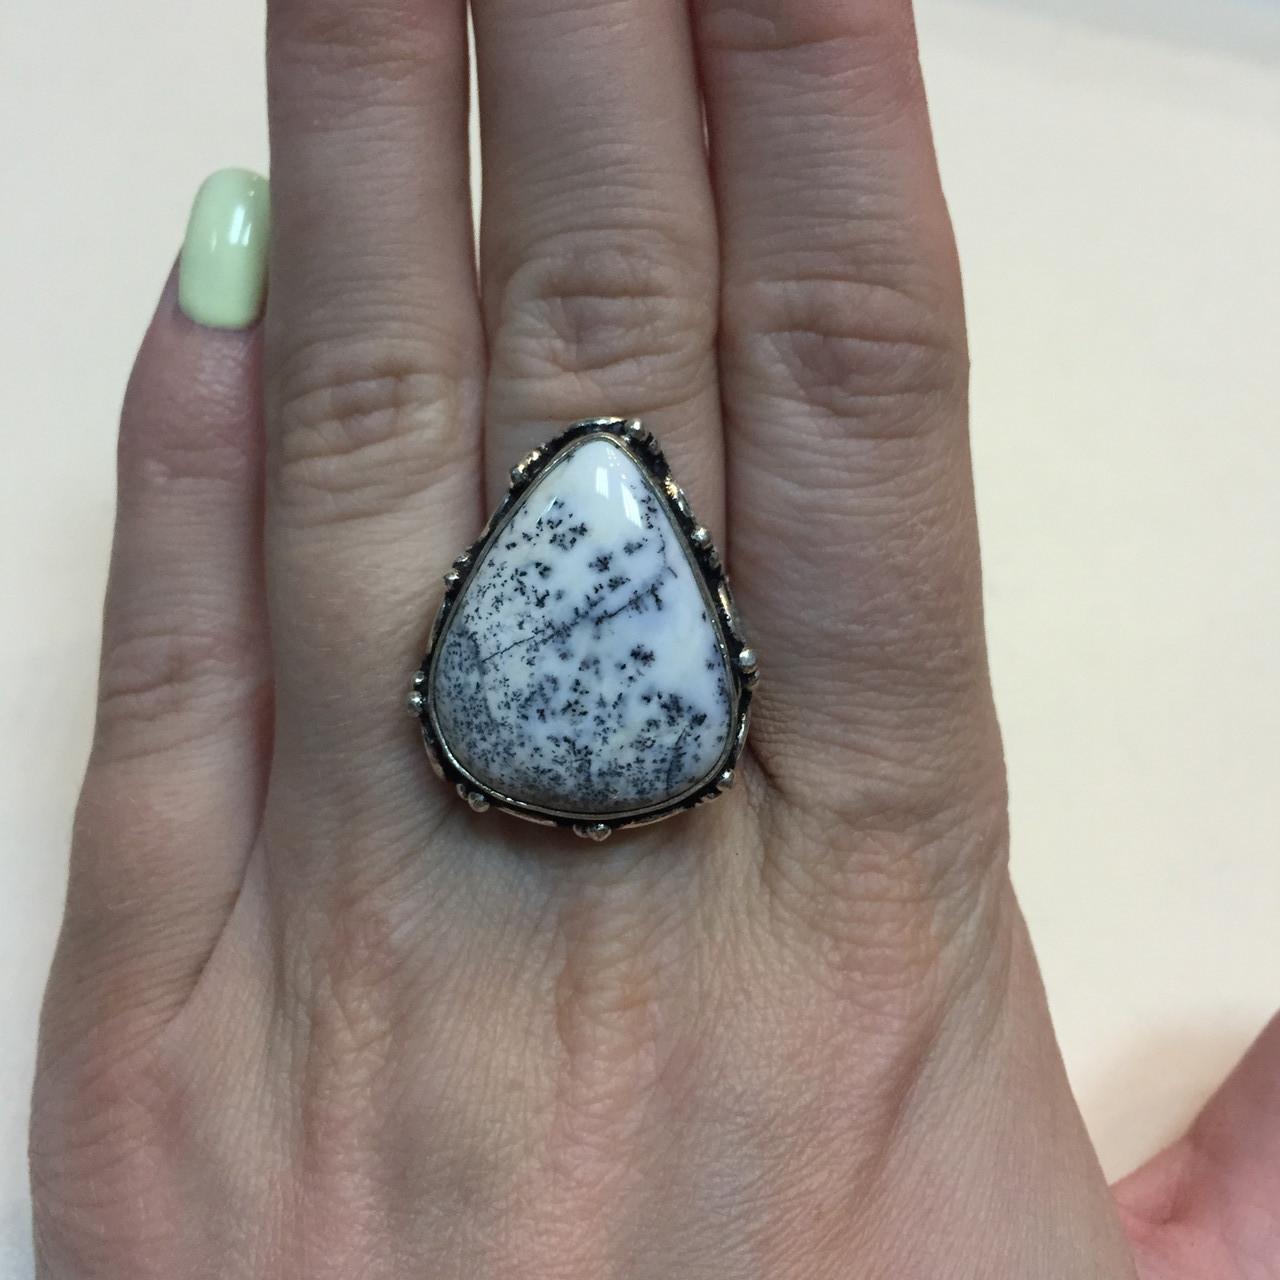 Агат кольцо капля дендритовый опал размер 17,7 кольцо с дендро-агатом в серебре Индия